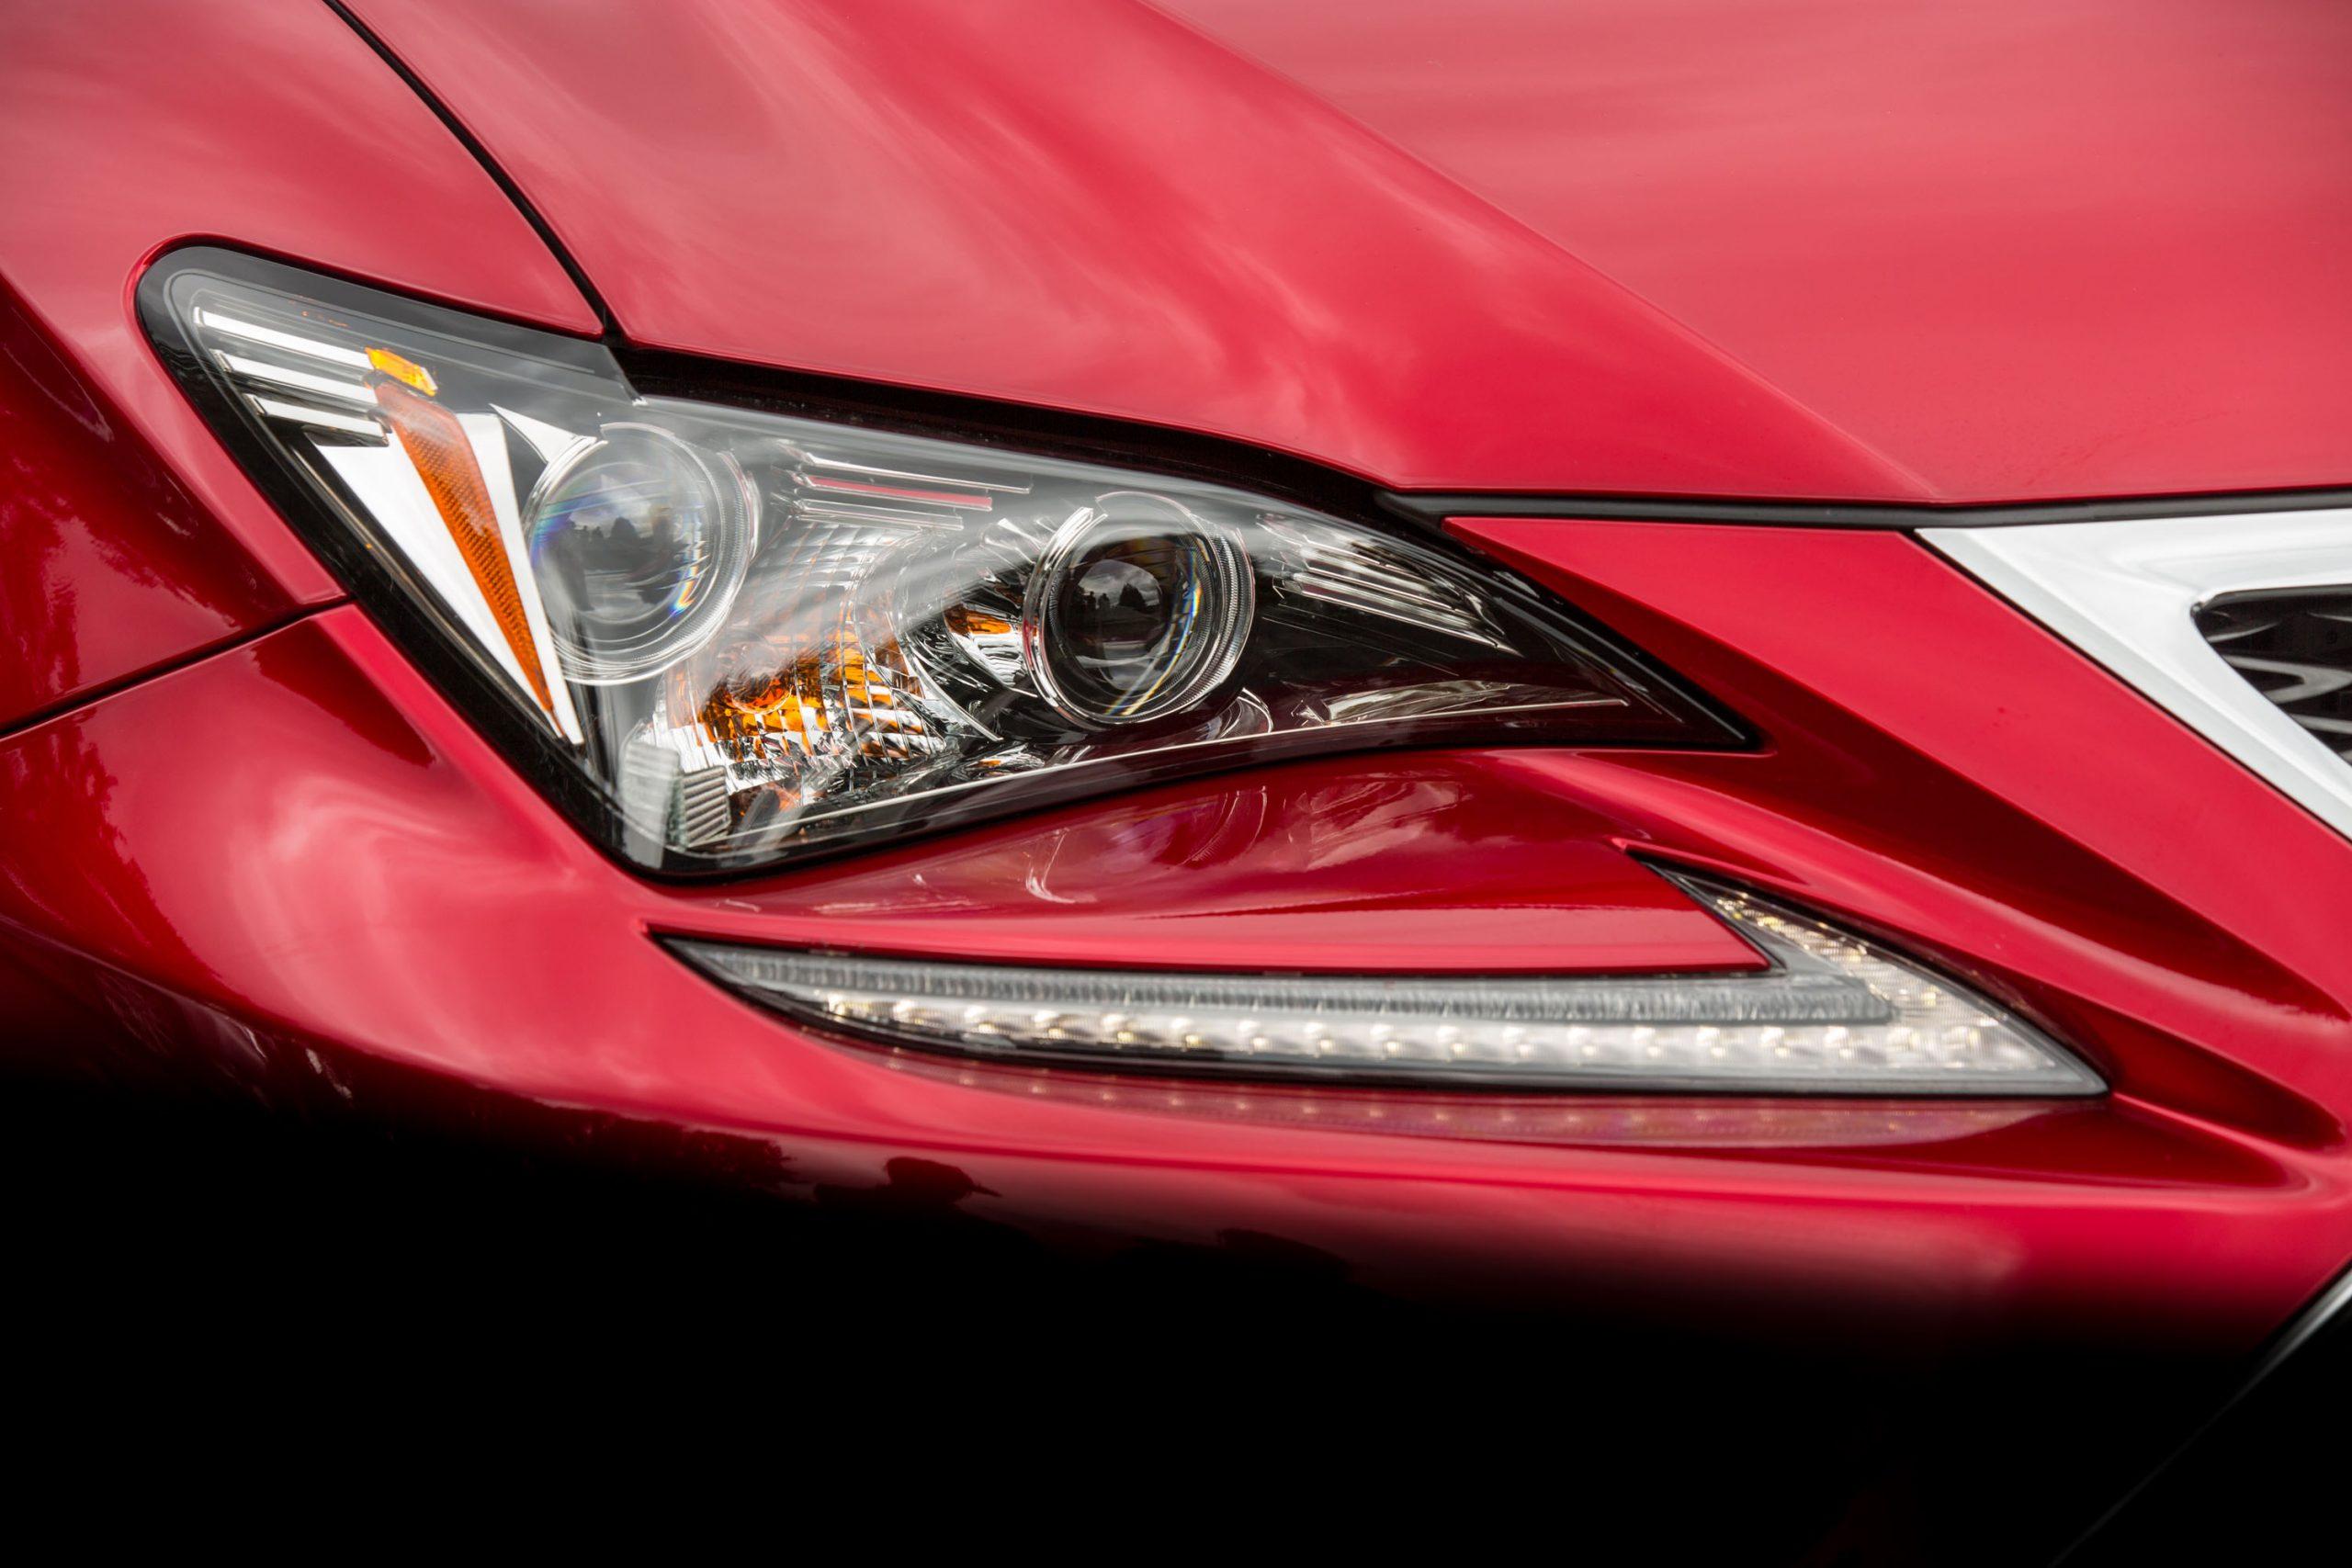 Ao volante – Lexus RC 300 h e o efeito Pikachu